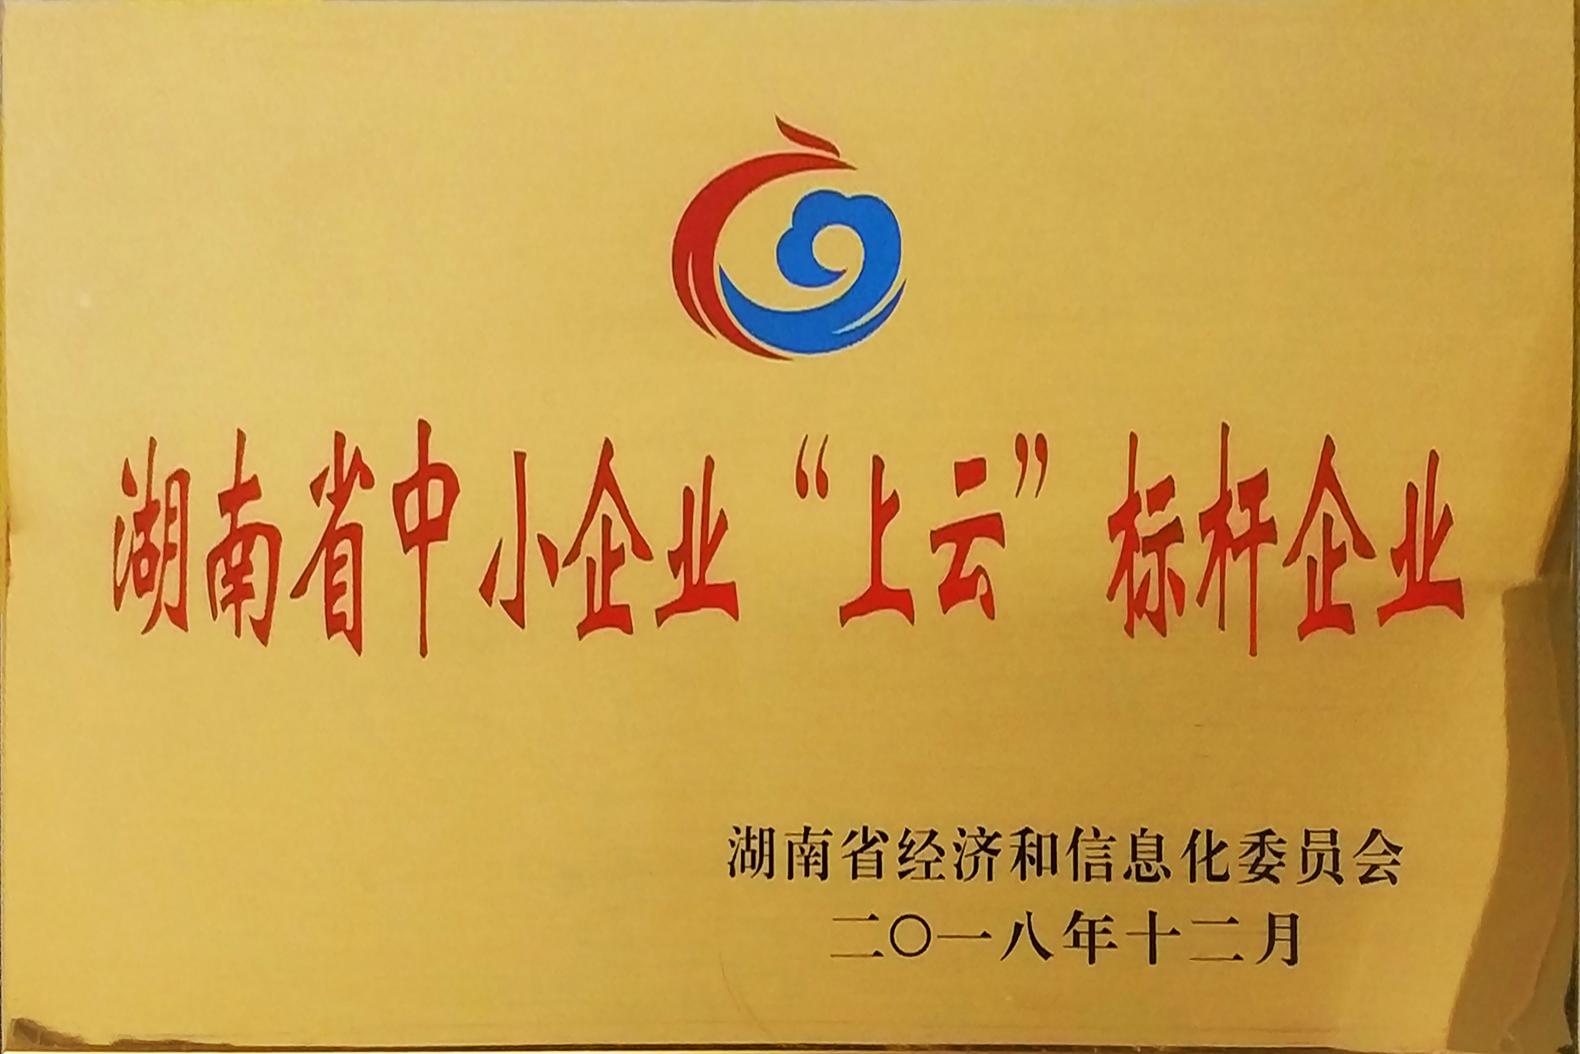 【實物圖】湖南省中小企業上云標桿企業_牌子